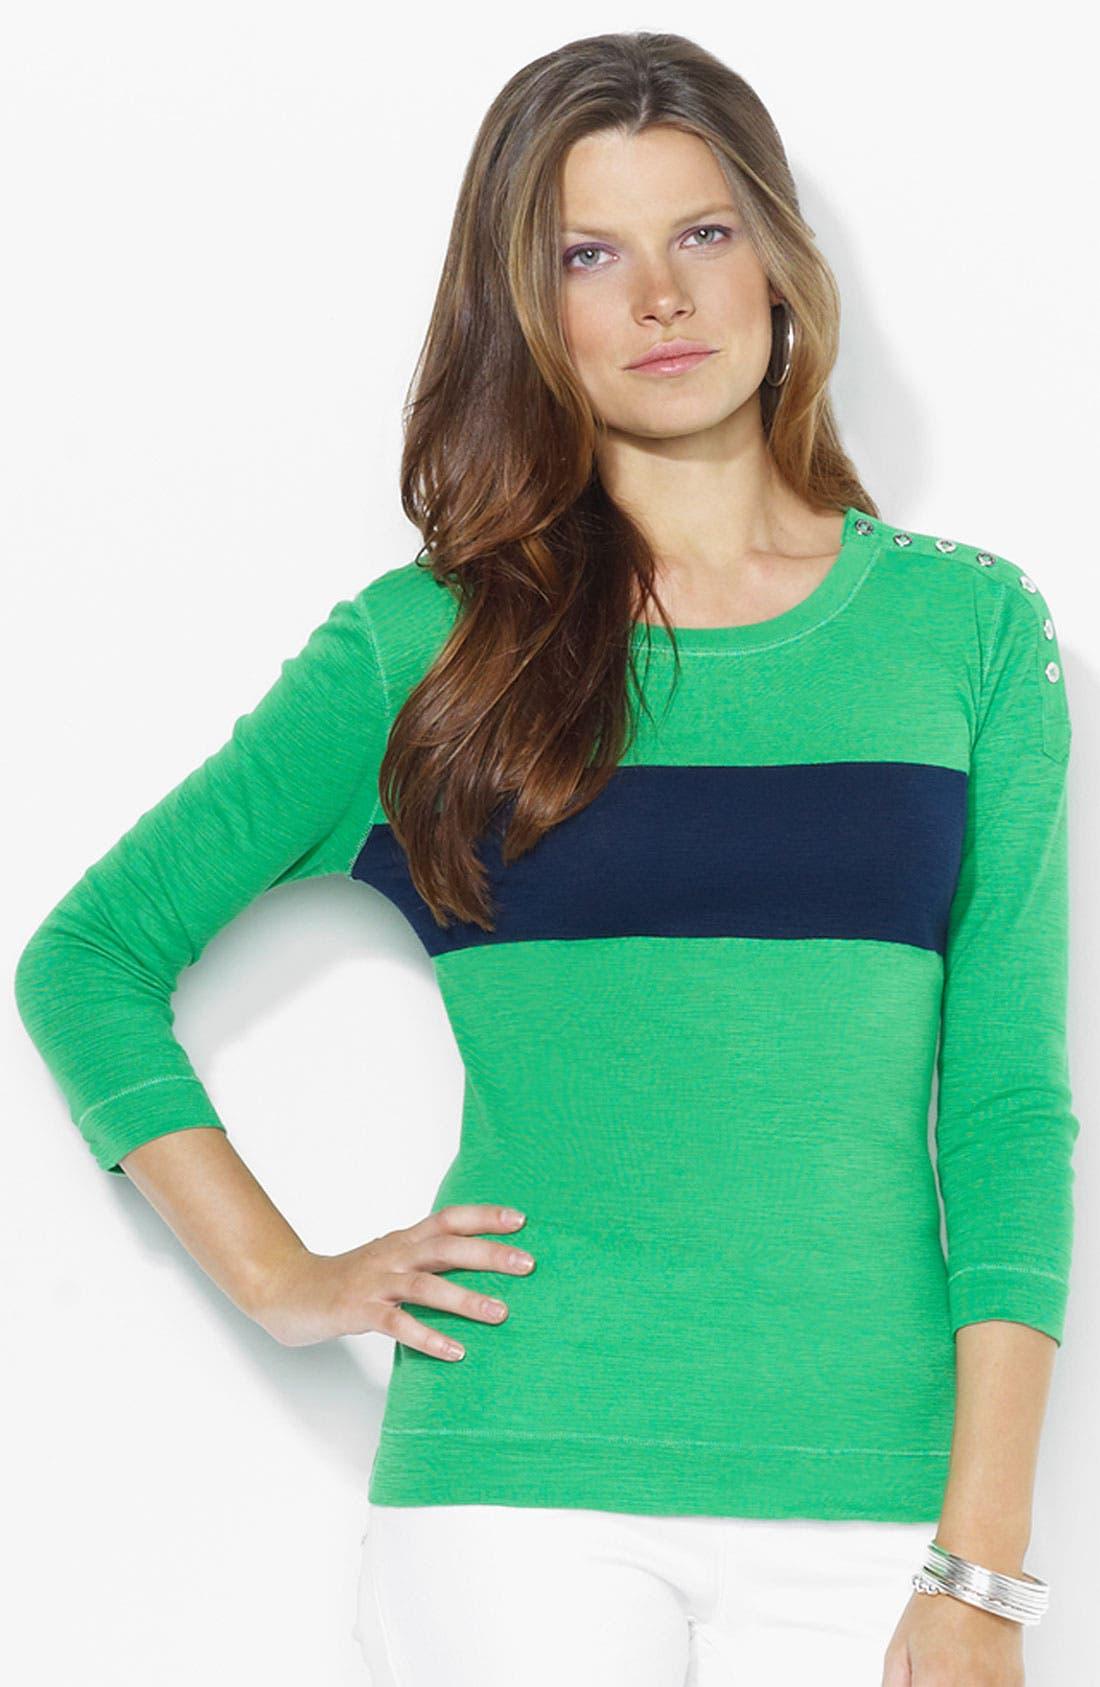 Alternate Image 1 Selected - Lauren Ralph Lauren Button Shoulder Top (Petite) (Online Exclusive)